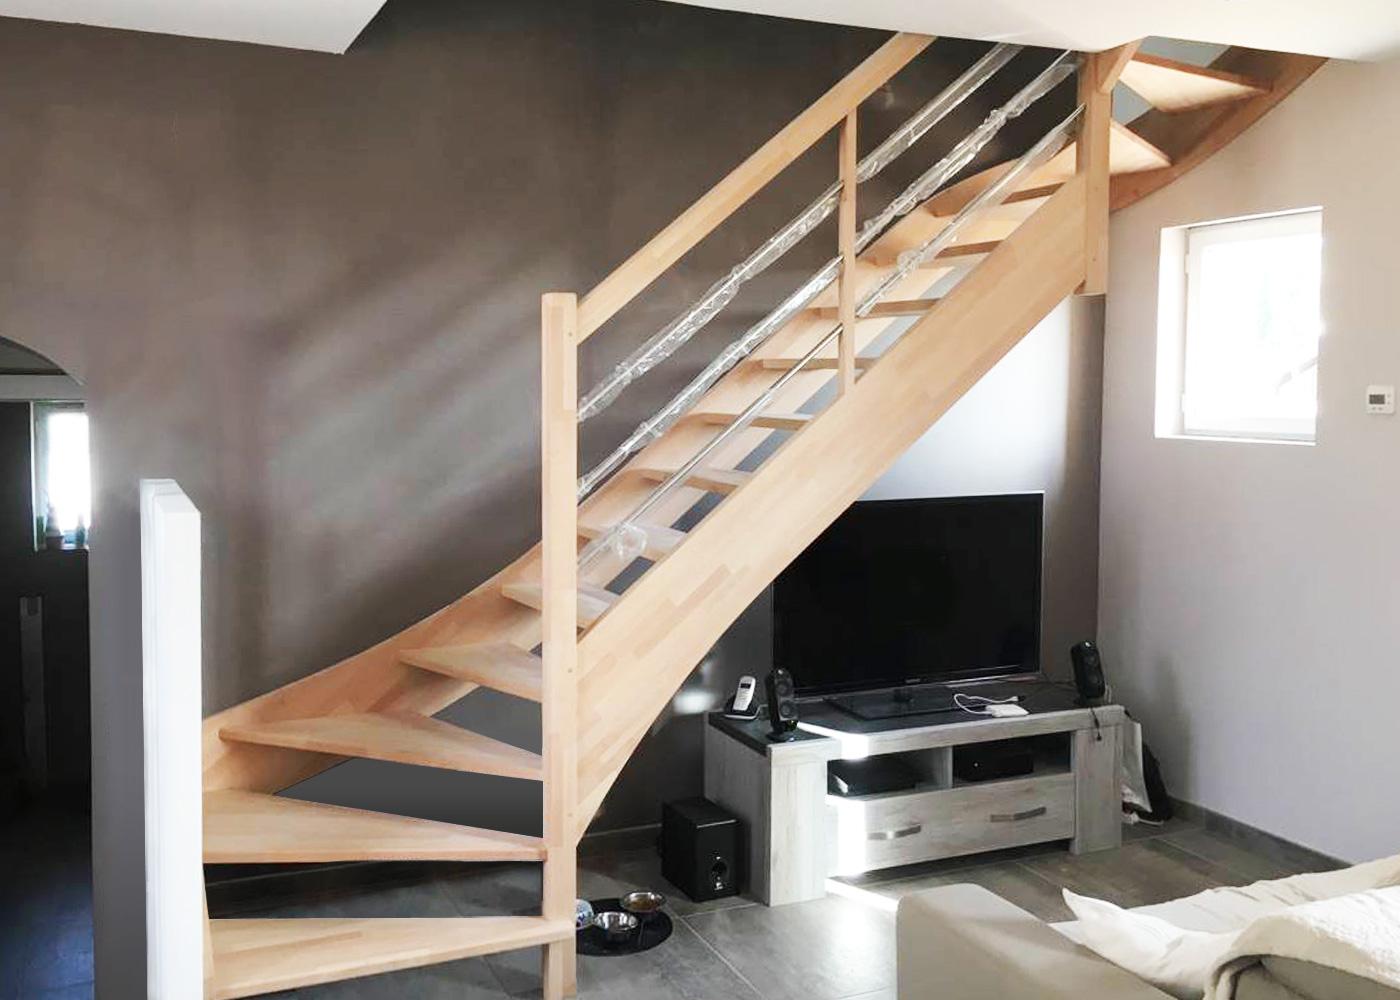 escalier en h tre atelier des monts d 39 or